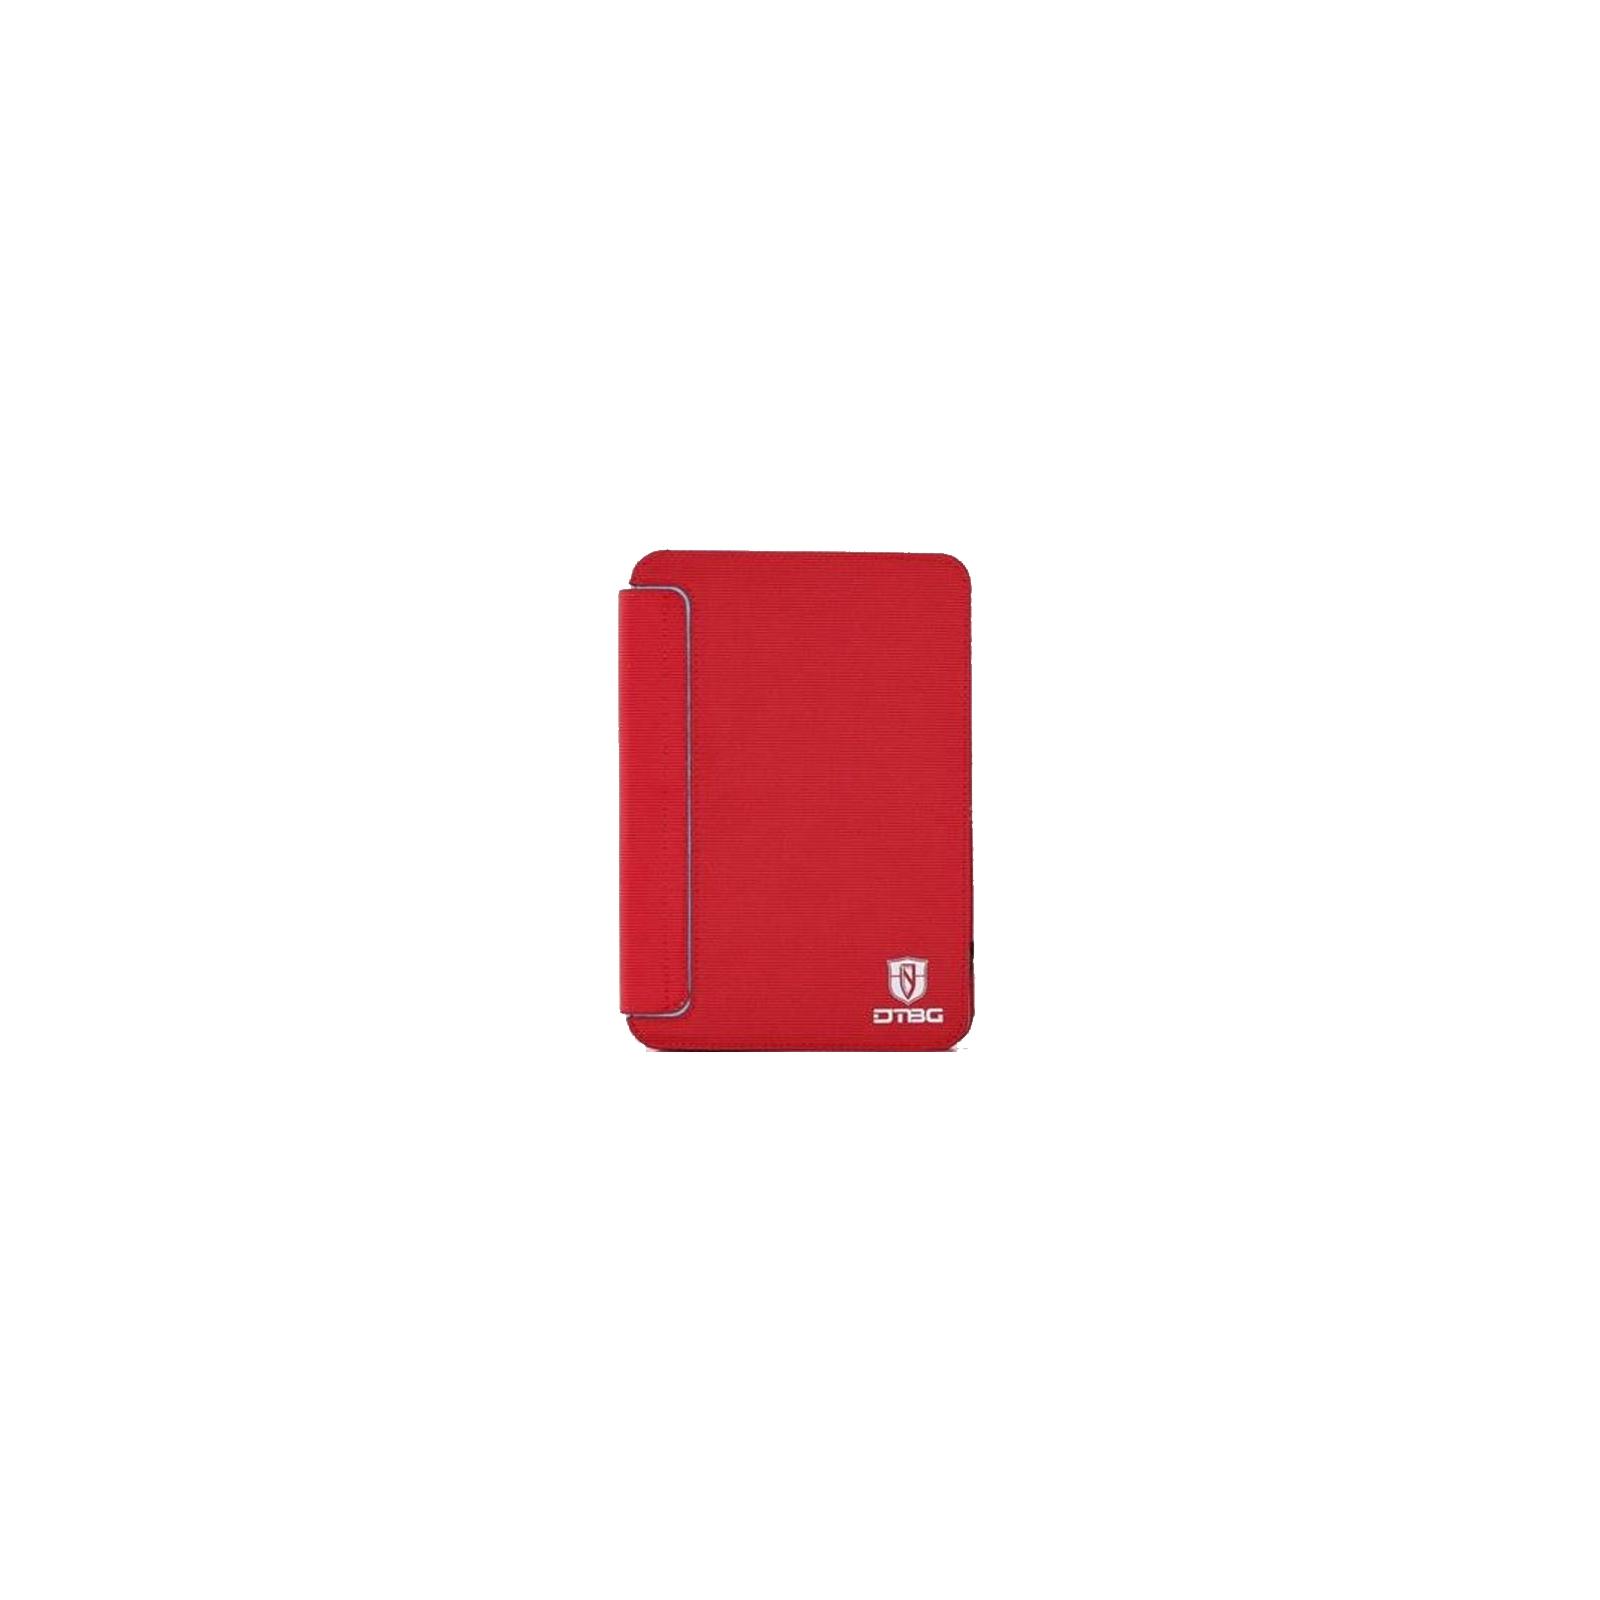 """Чехол для планшета DTBG 7"""" (D8900RD-7)"""